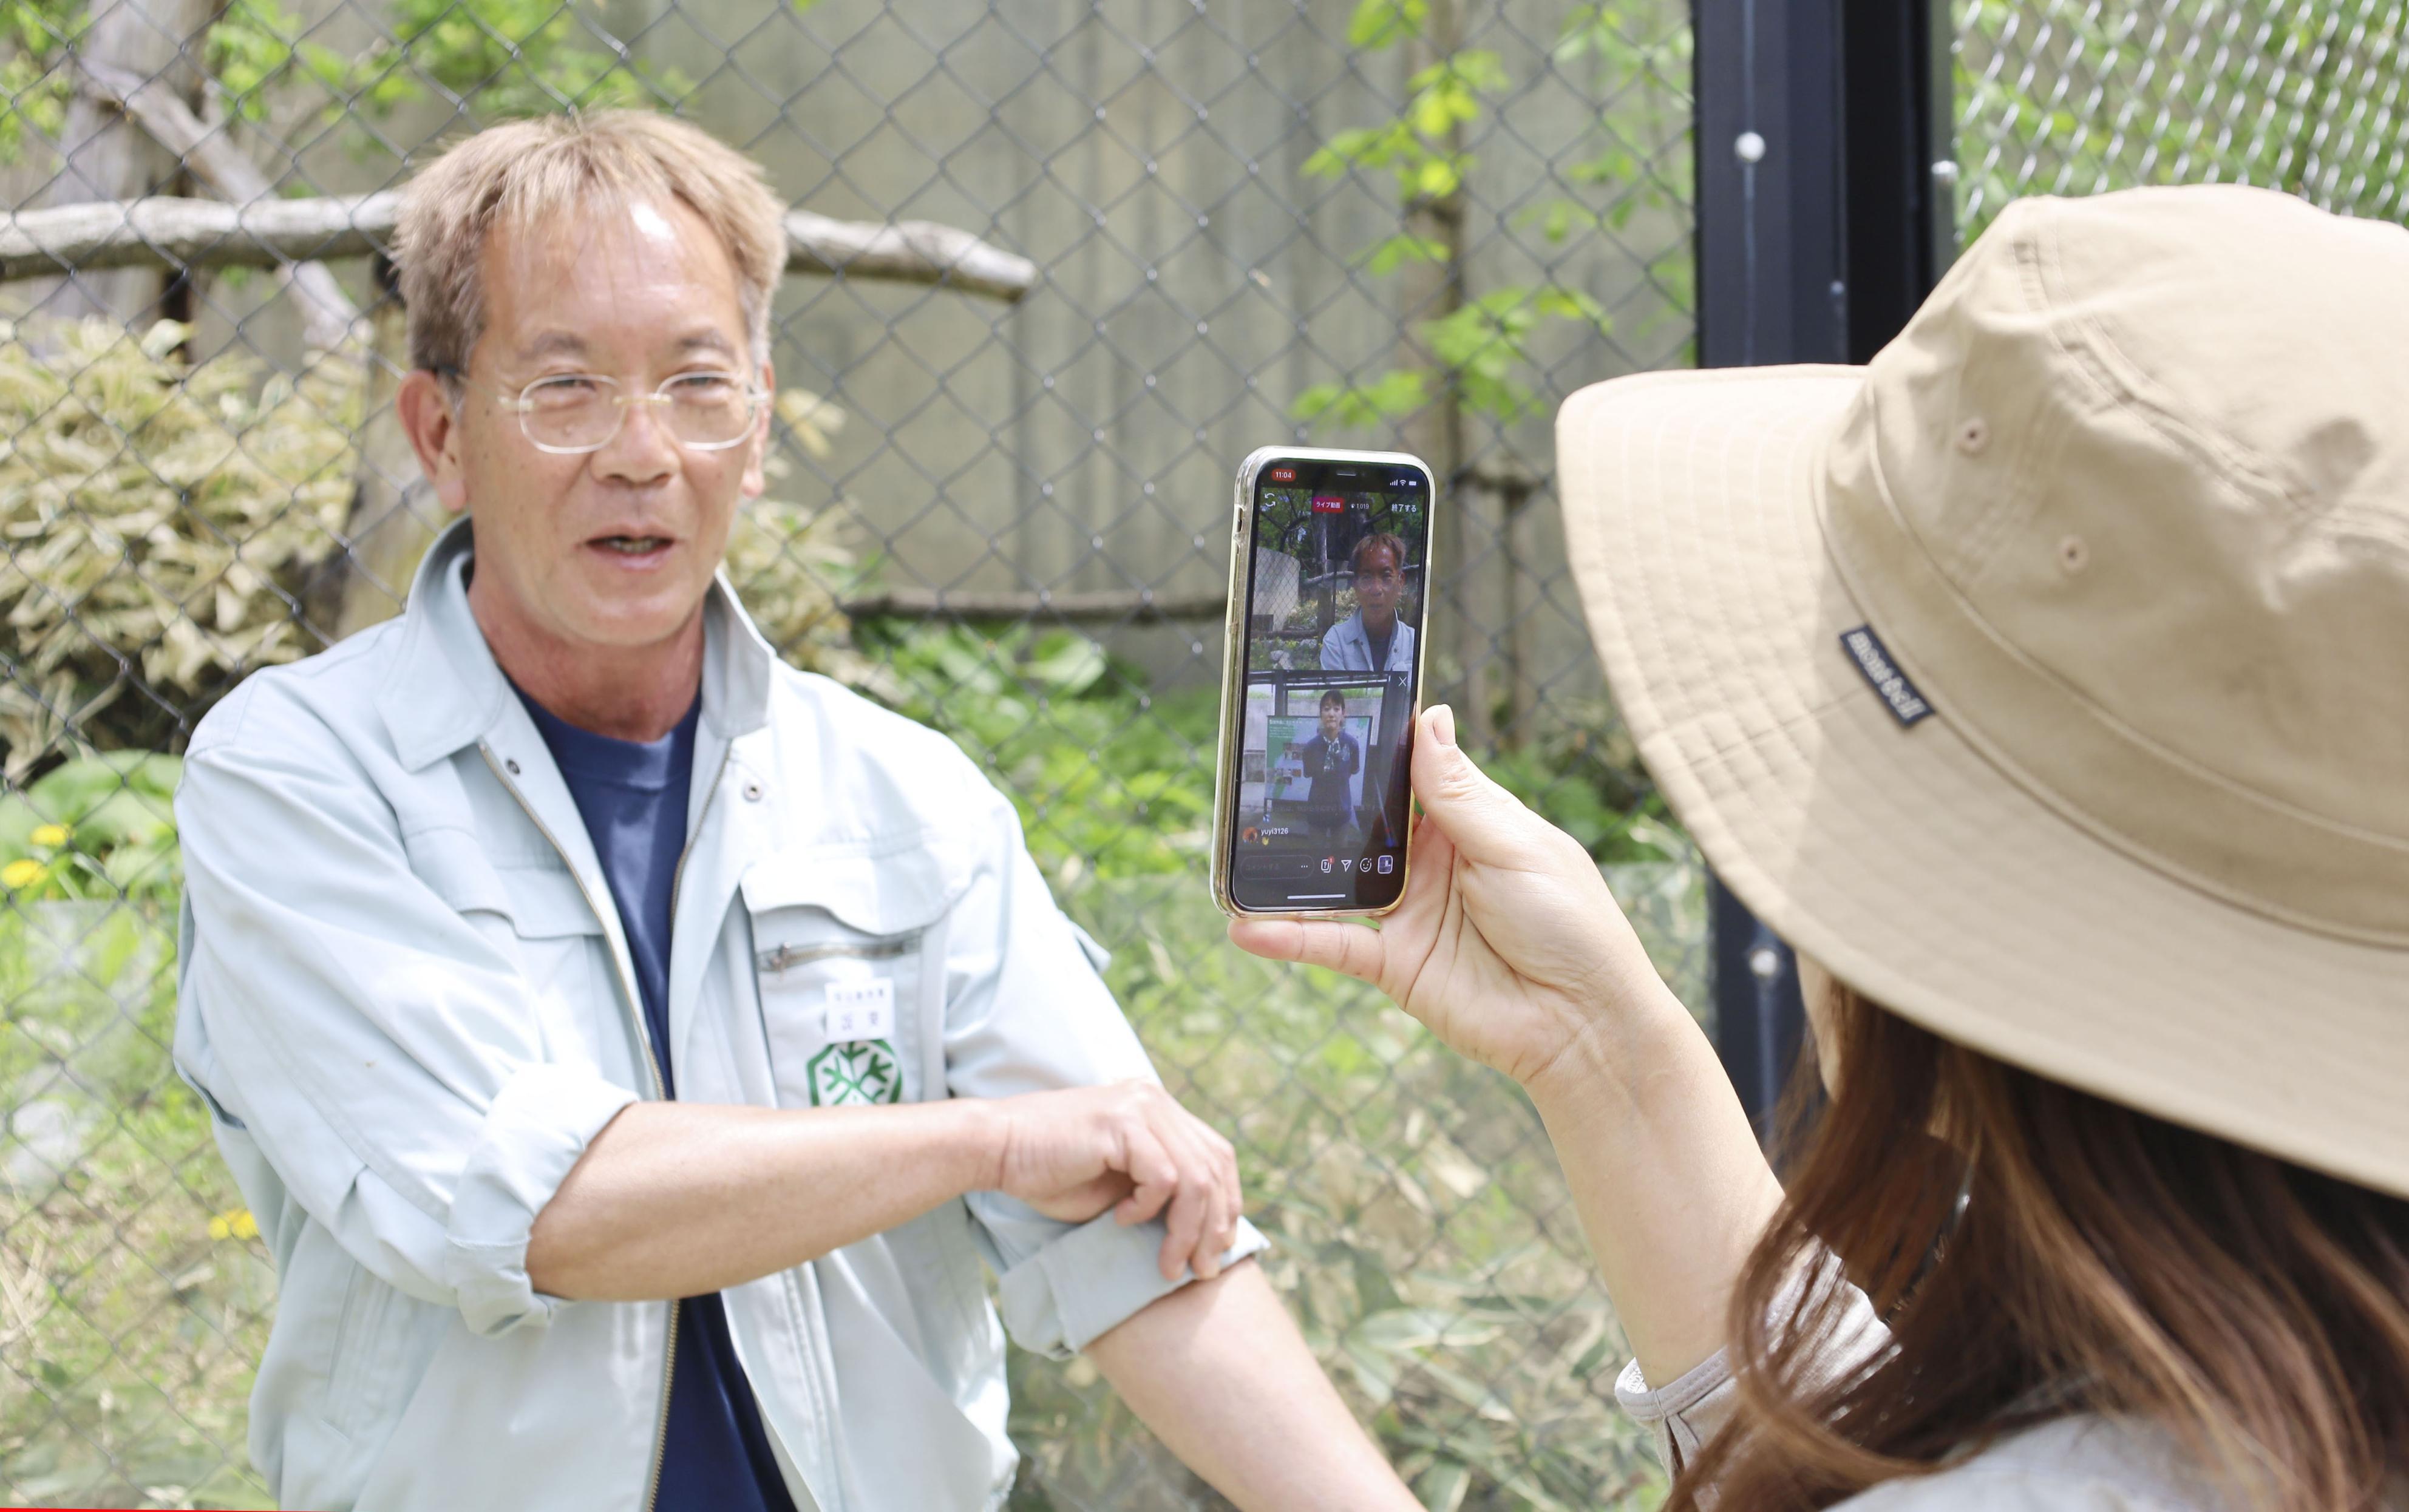 「インスタグラム」で、沖縄こどもの国とともに動画を生配信する旭山動物園の坂東元園長(左)=24日午前、北海道旭川市